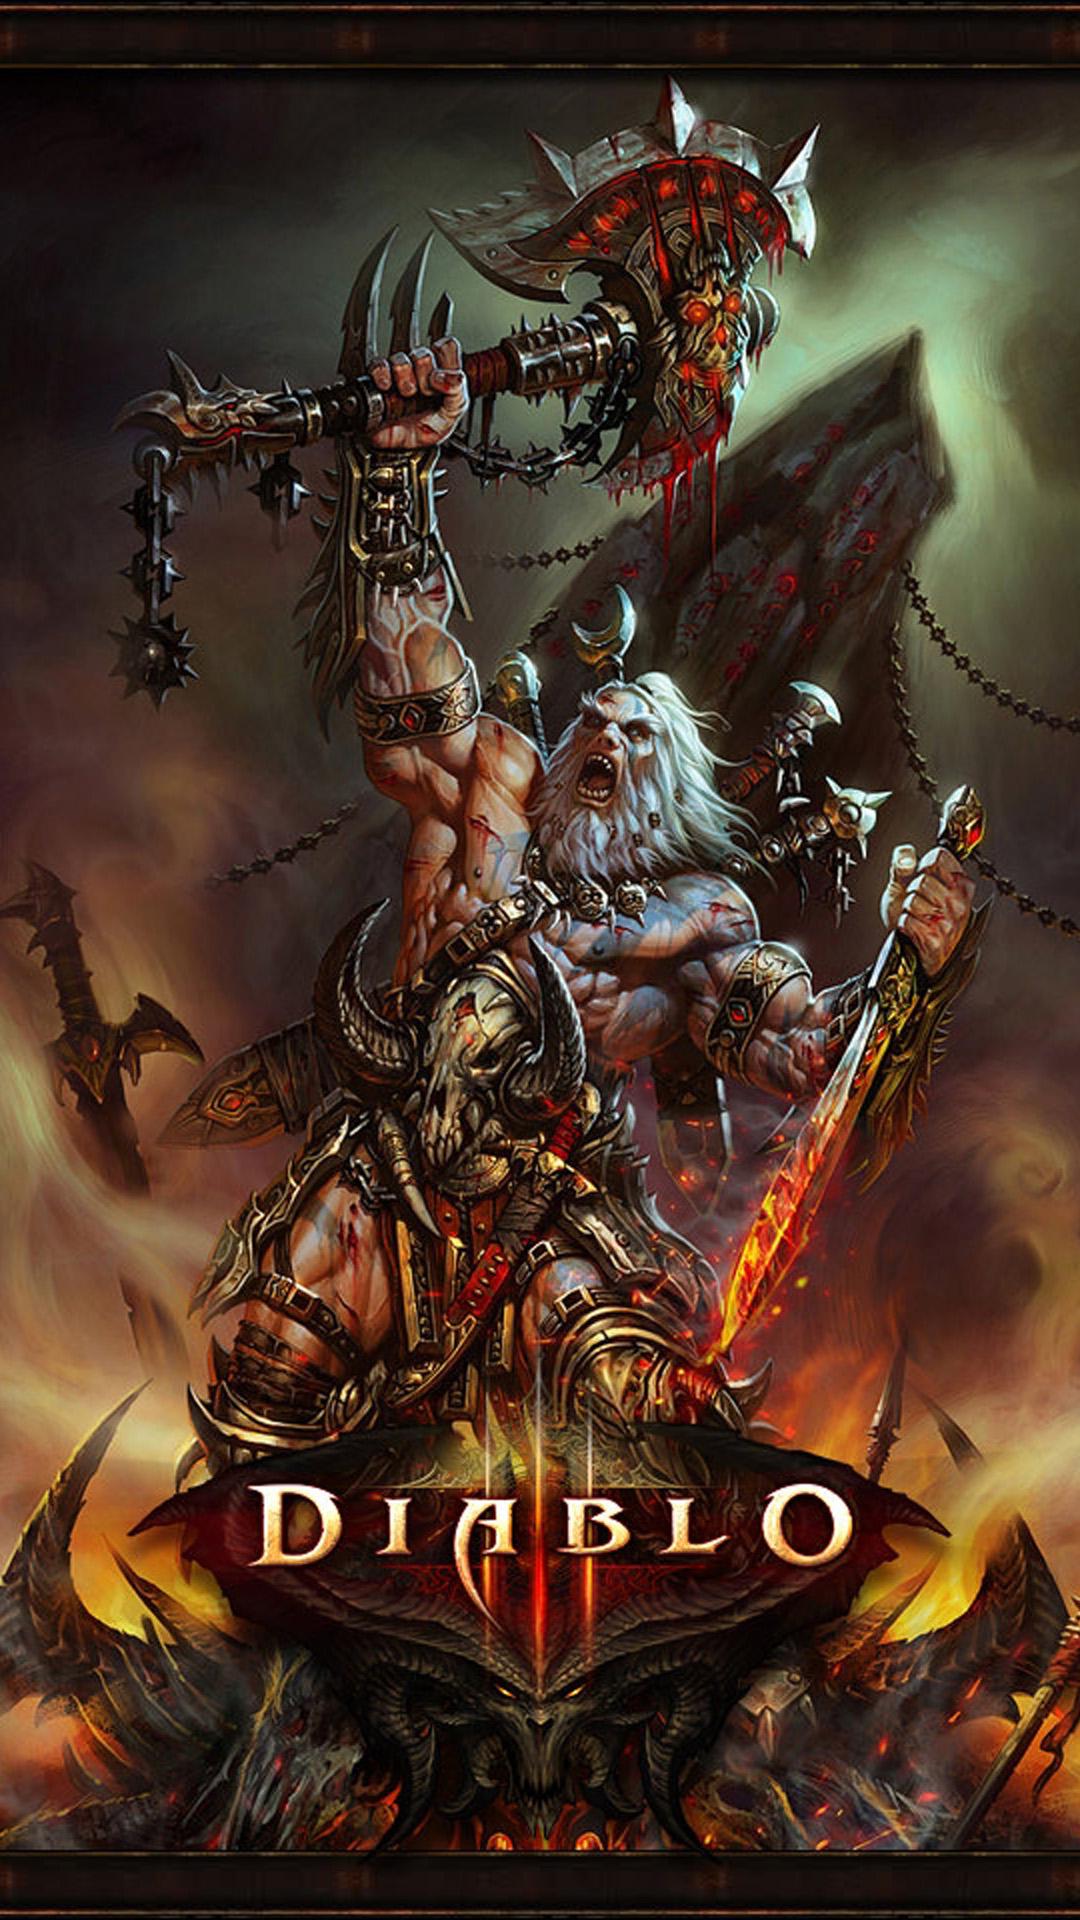 Diablo 3 barbarian Games Galaxy S5 wallpaper 1080x1920